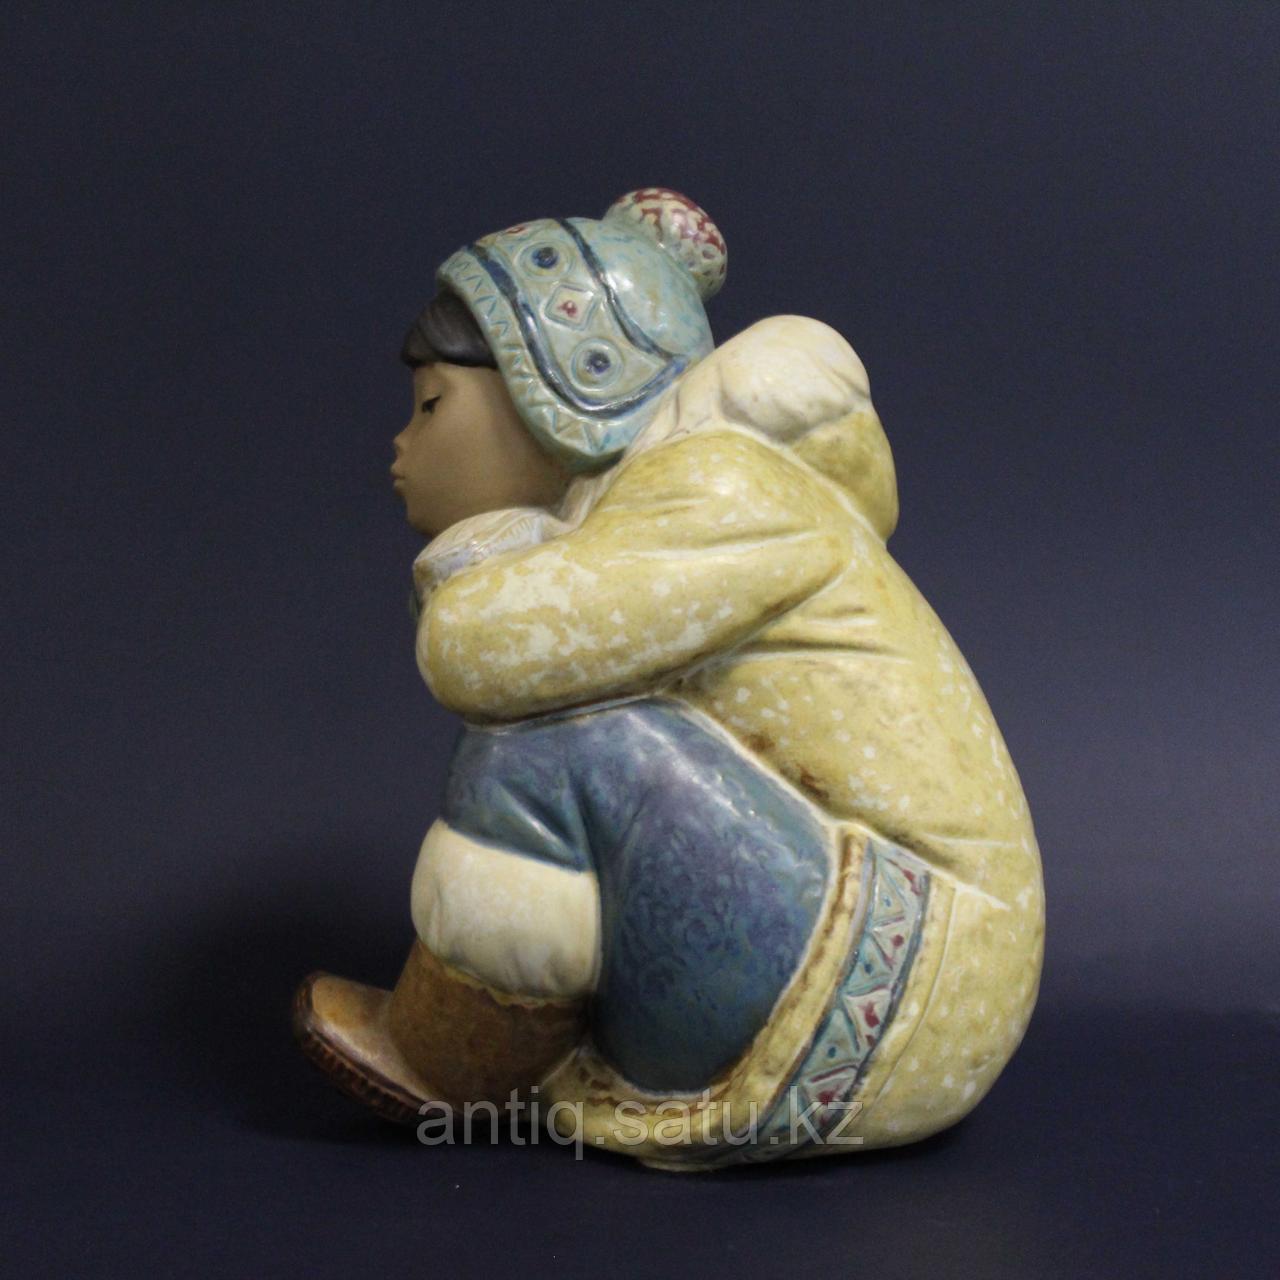 Мальчик-эскимос. Фарфоровая мануфактура Lladro - фото 3